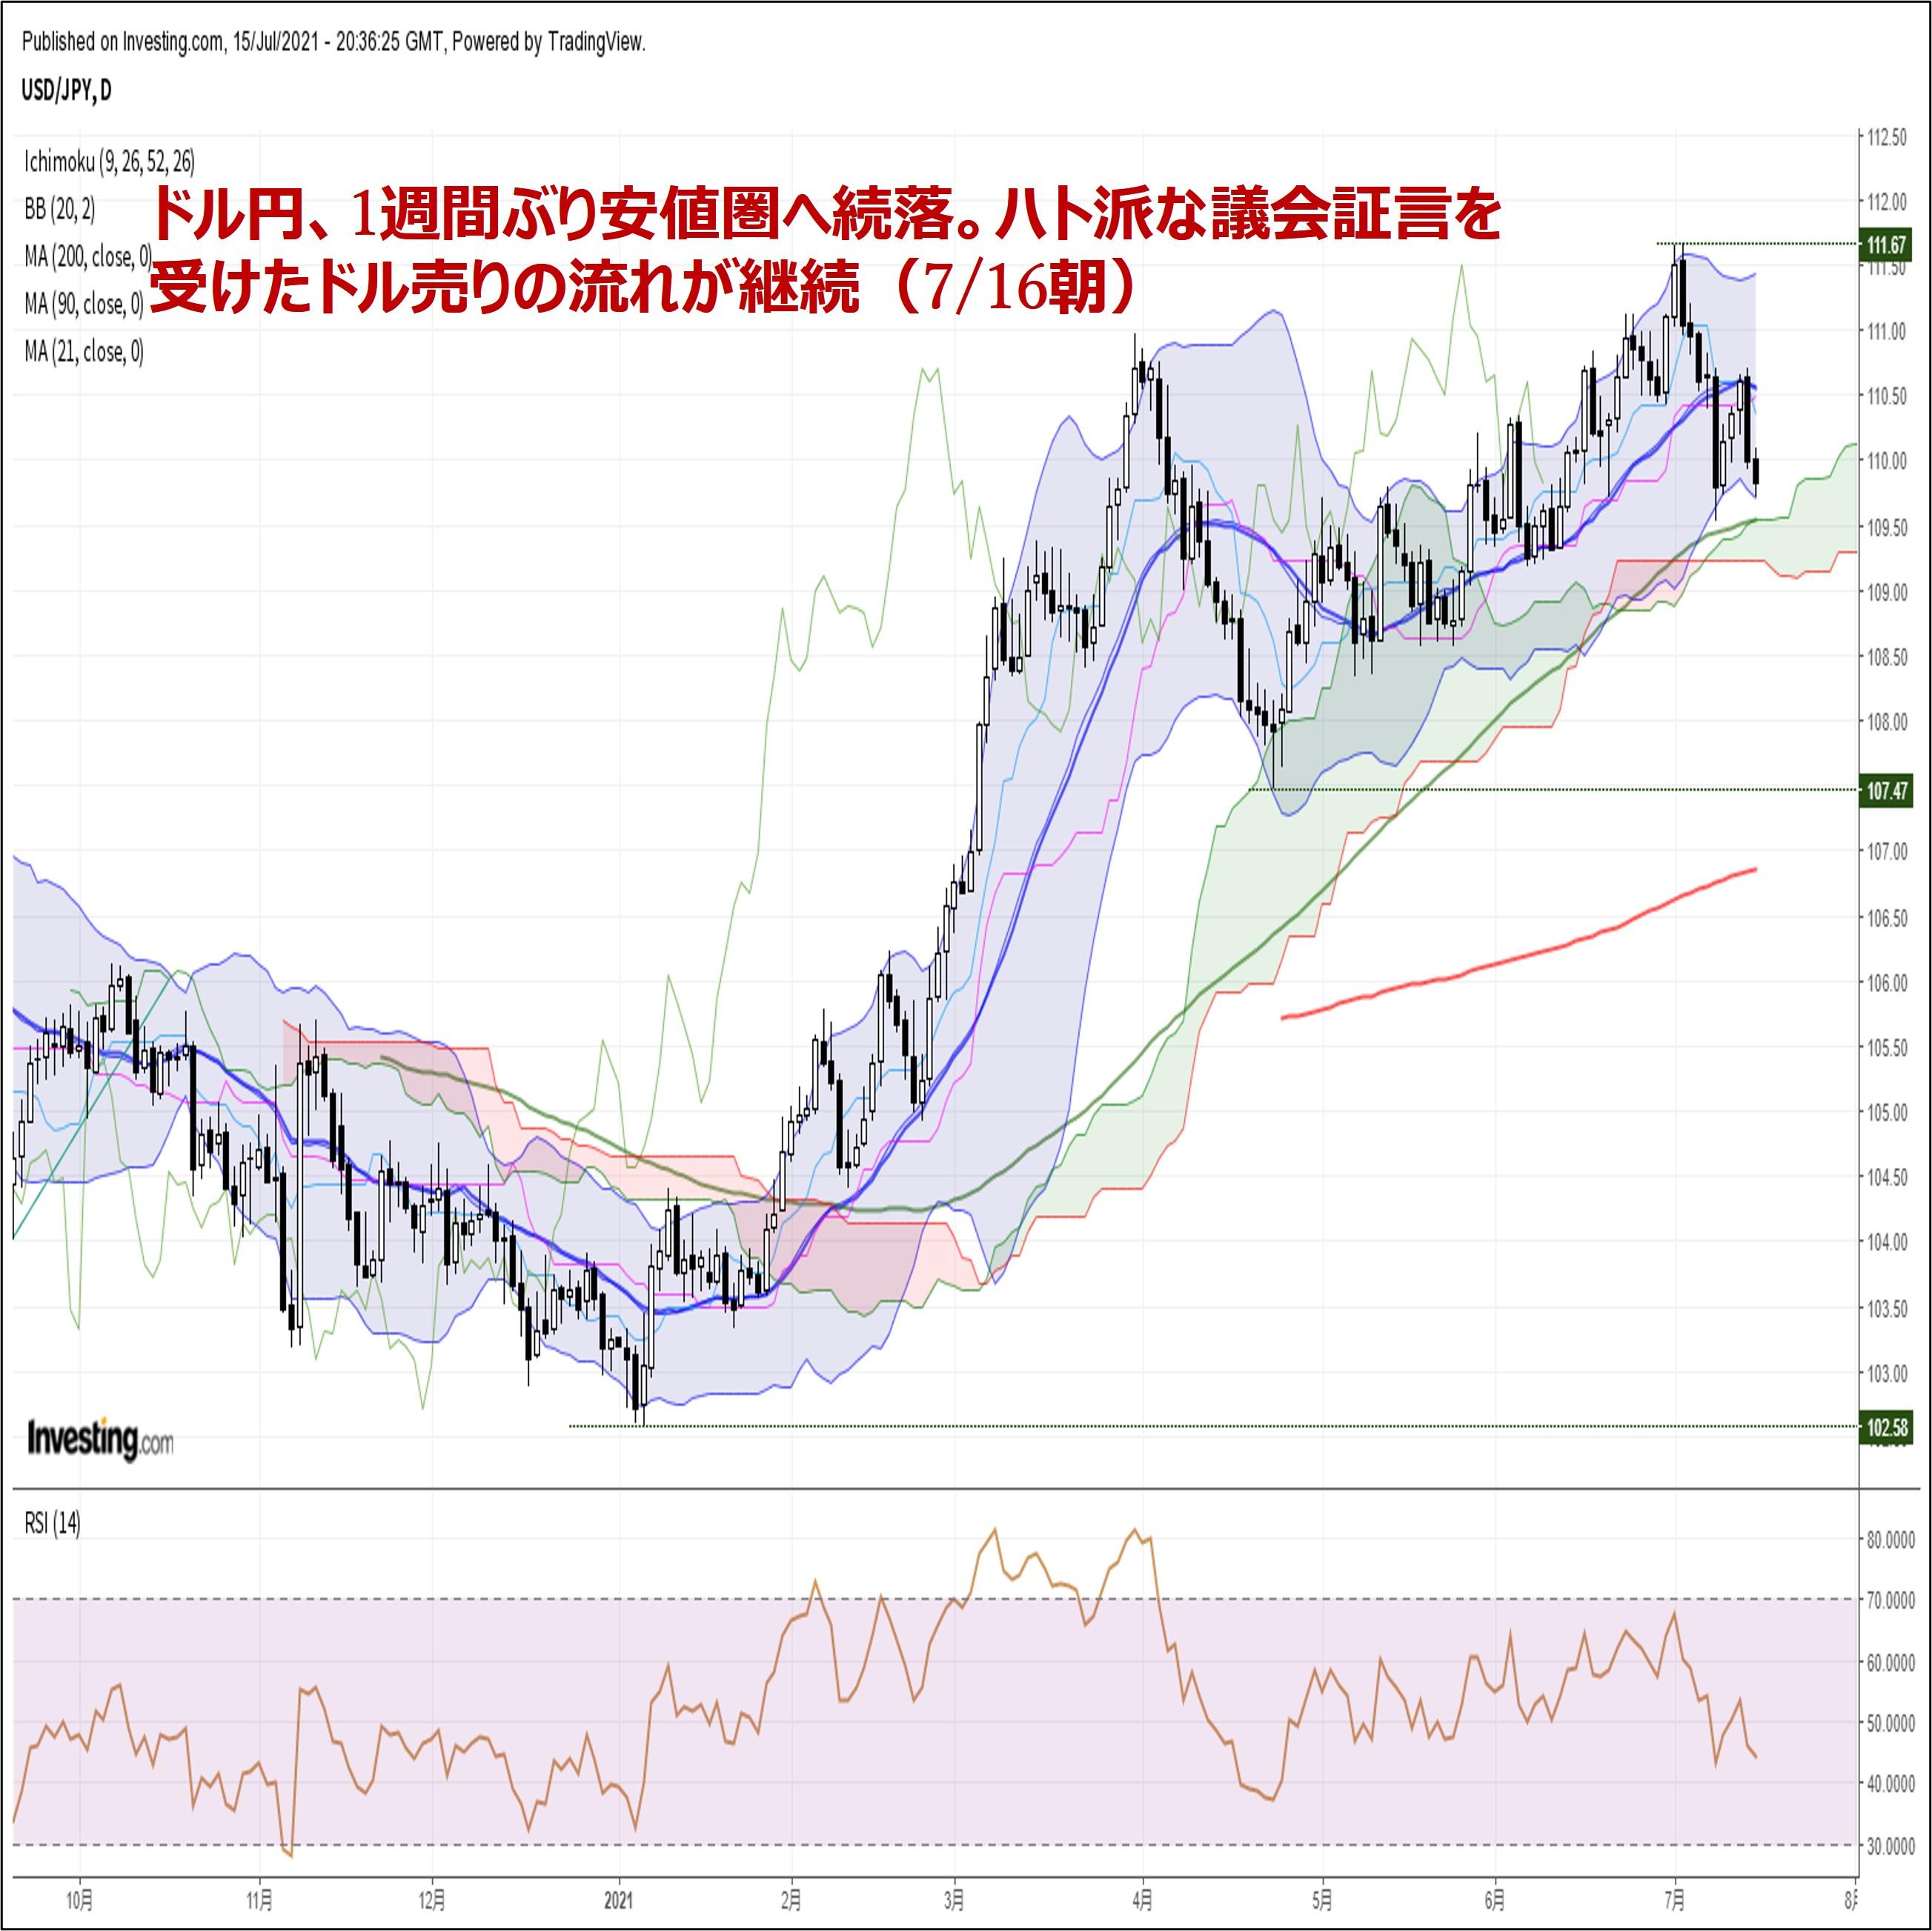 ドル円、1週間ぶり安値圏へ続落。ハト派な議会証言を受けたドル売りの流れが継続(7/16朝)